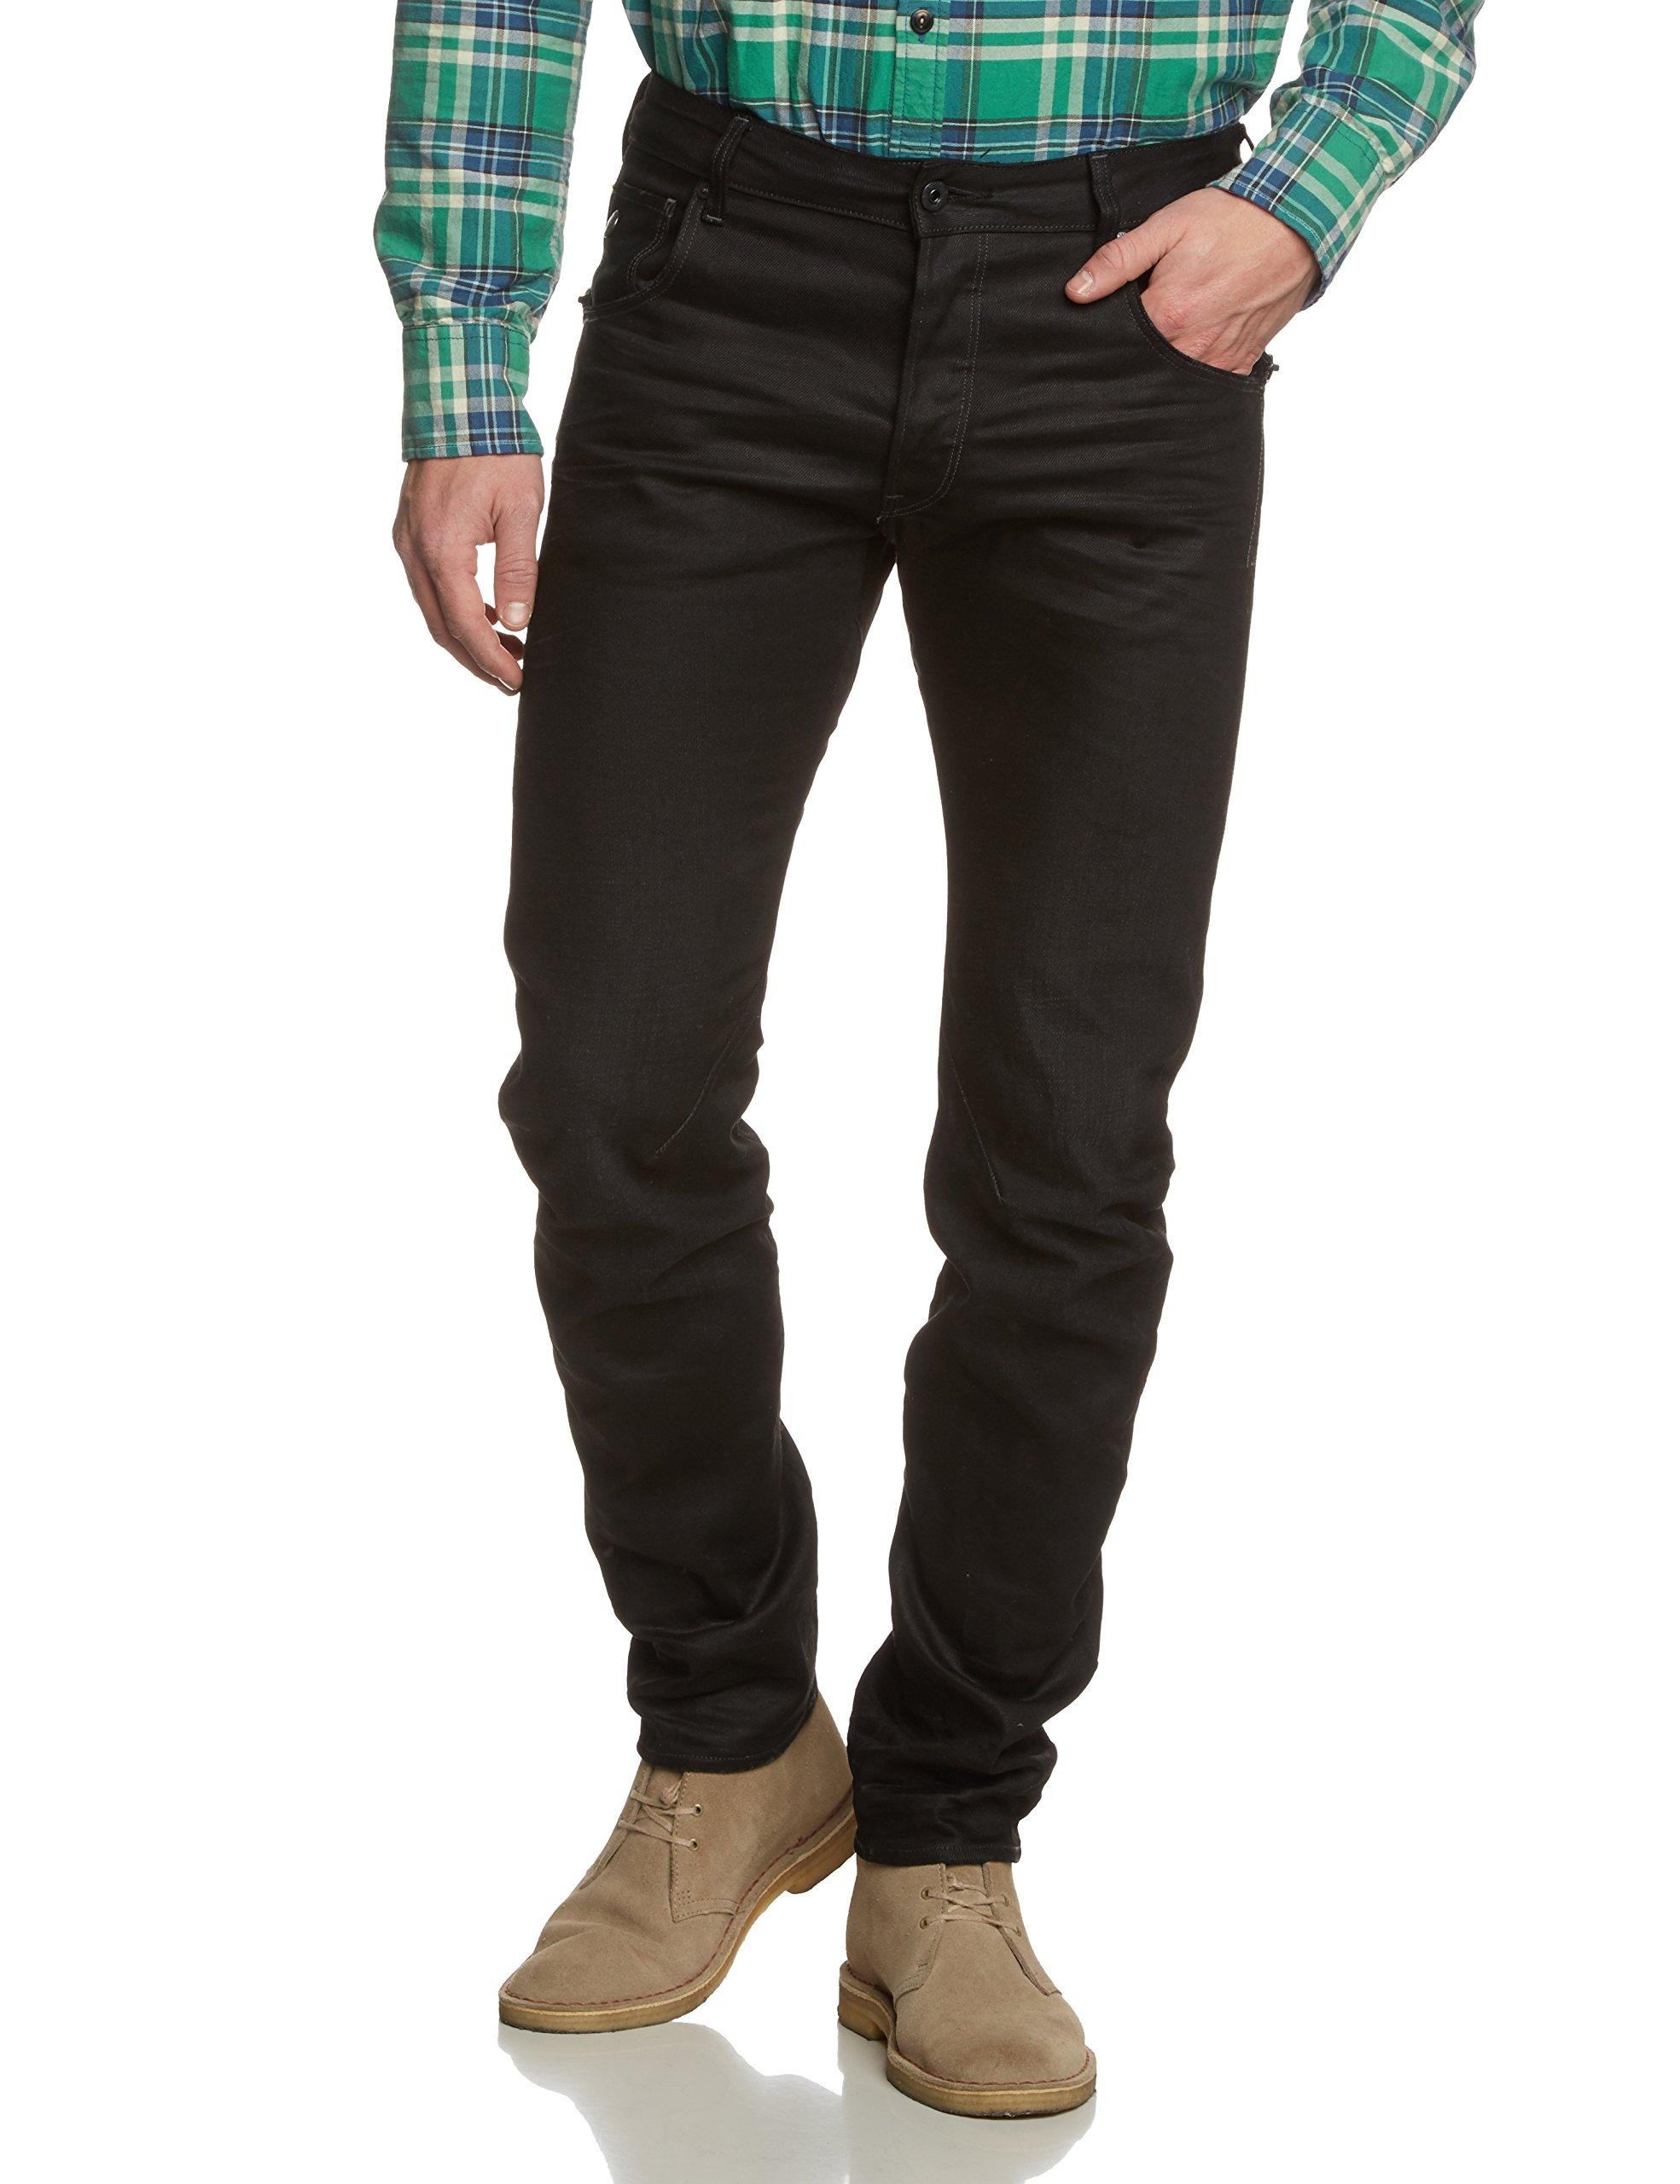 Jeans Zip AgedW27 HommeBleumedium l34 RawArc 3d star G Slim 0mn8Nwv